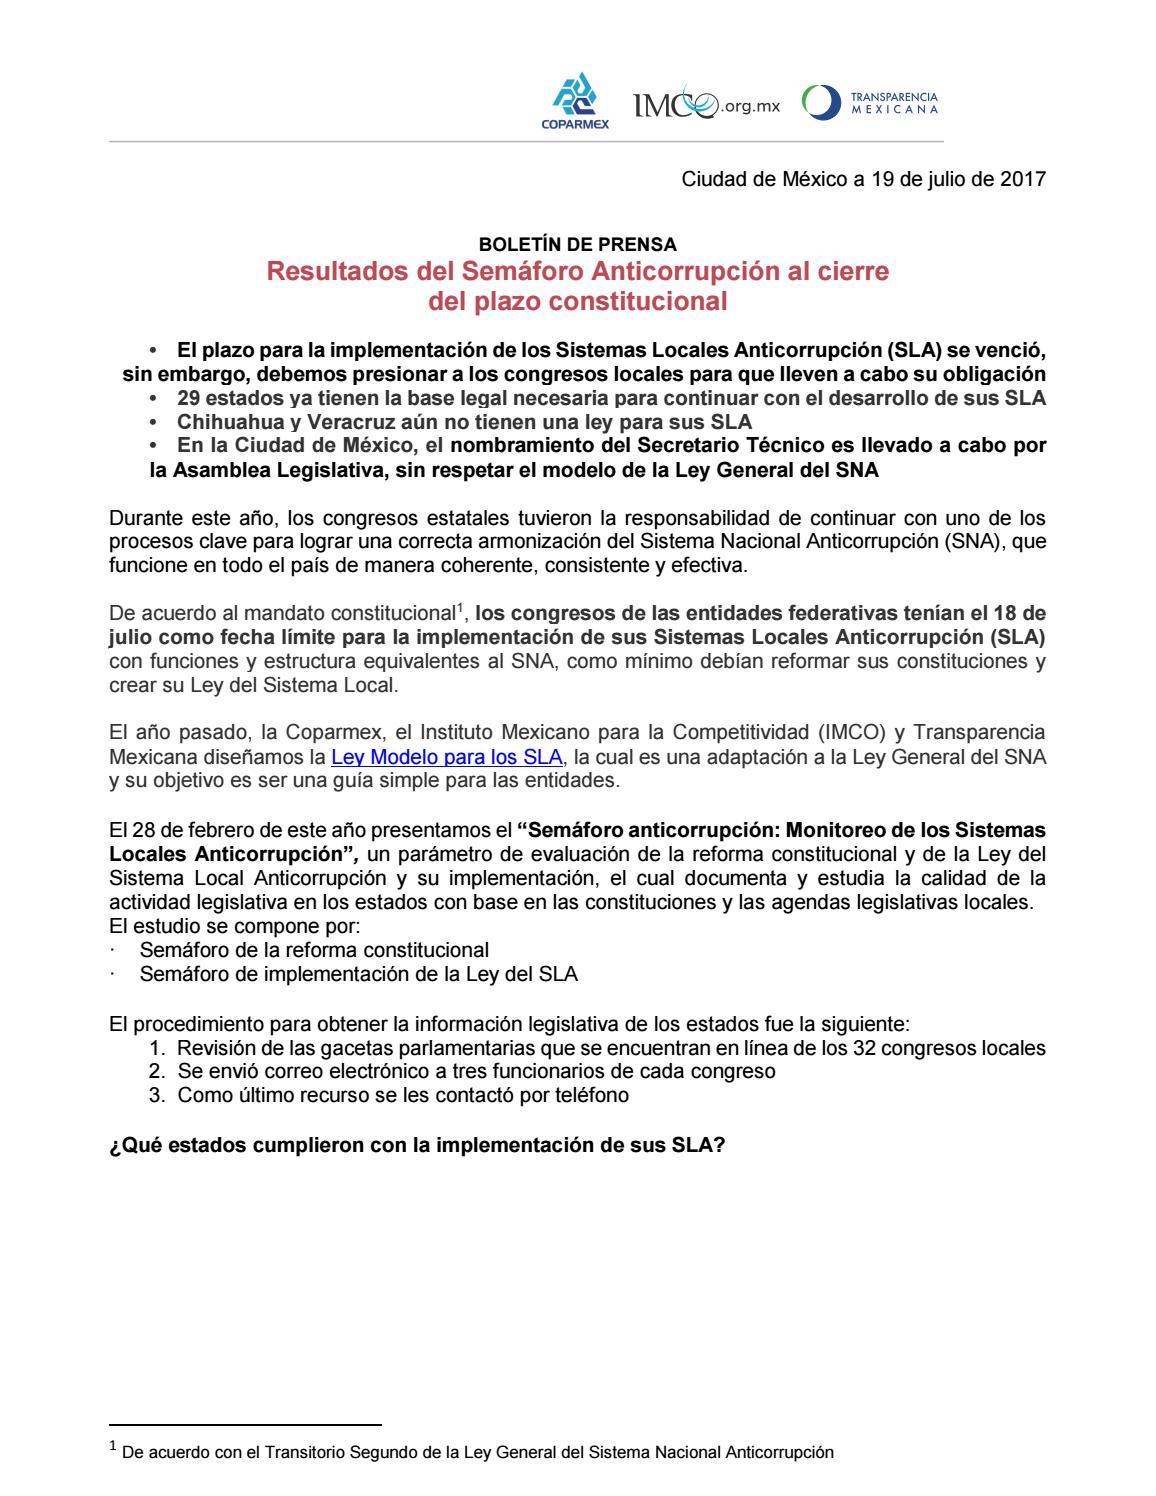 Semáforo Anticorrupción Se Vence Plazo Constitucional By